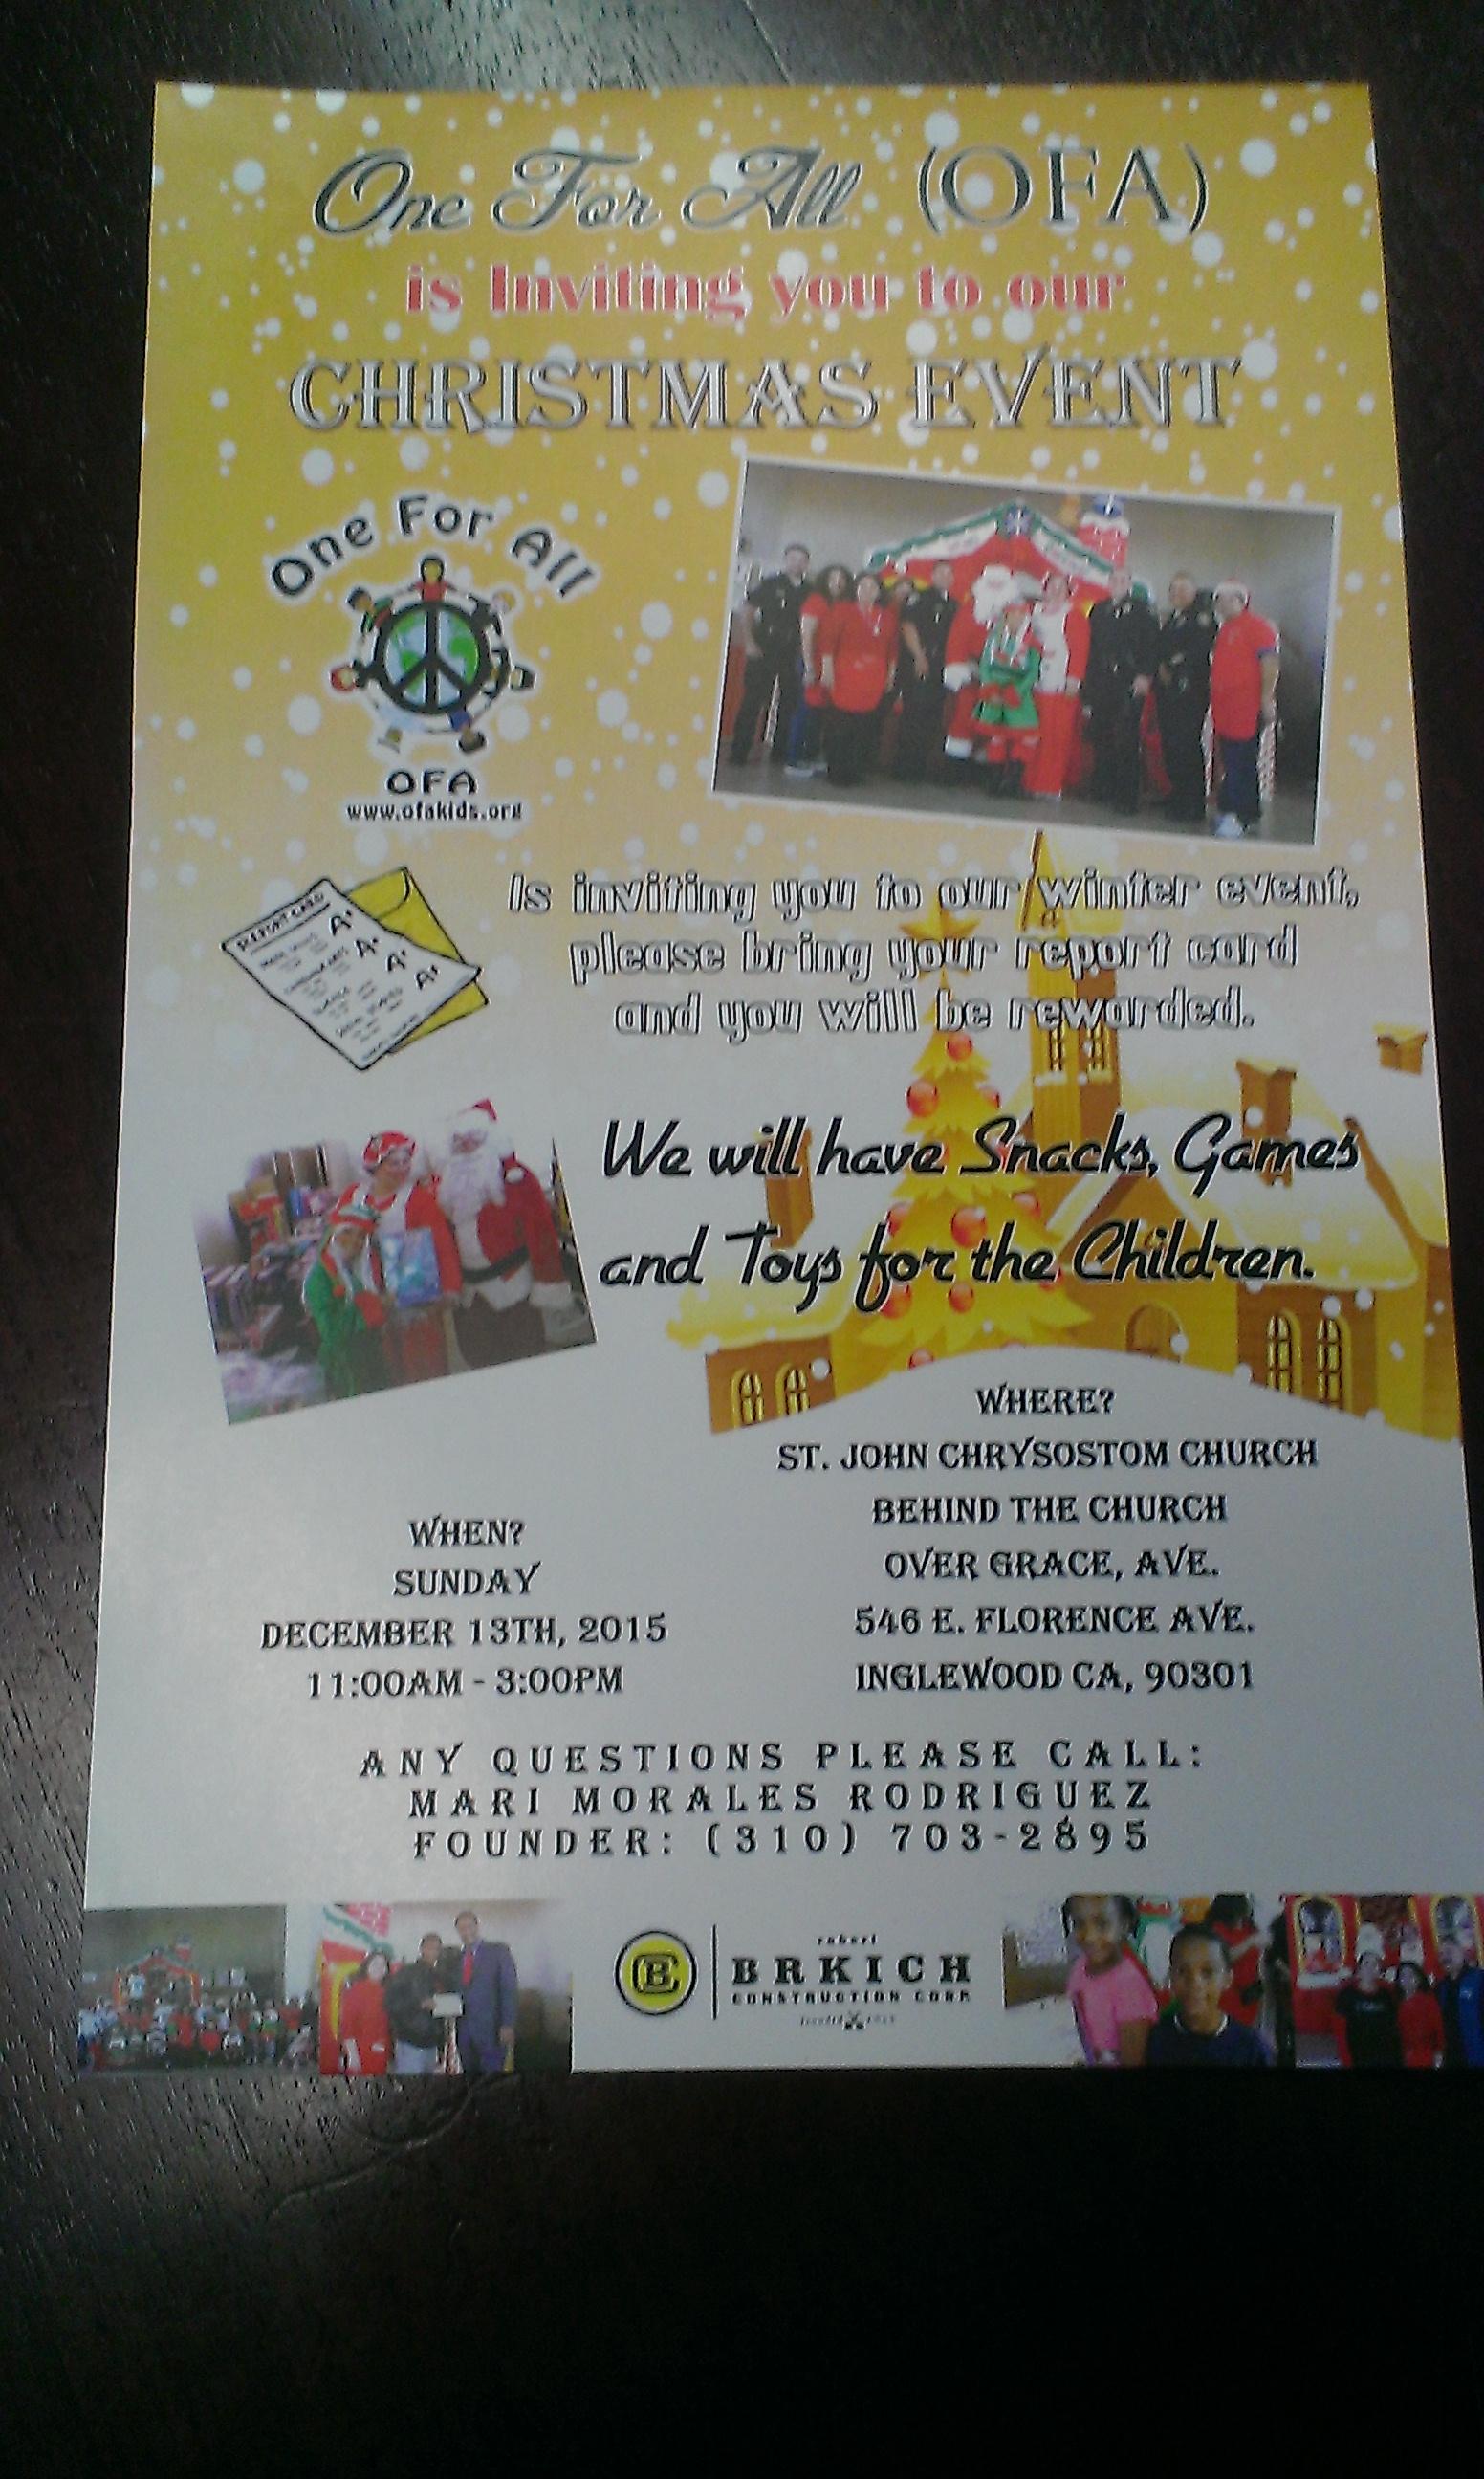 OFAKIDS Christmas Event – Dec 13, 2015